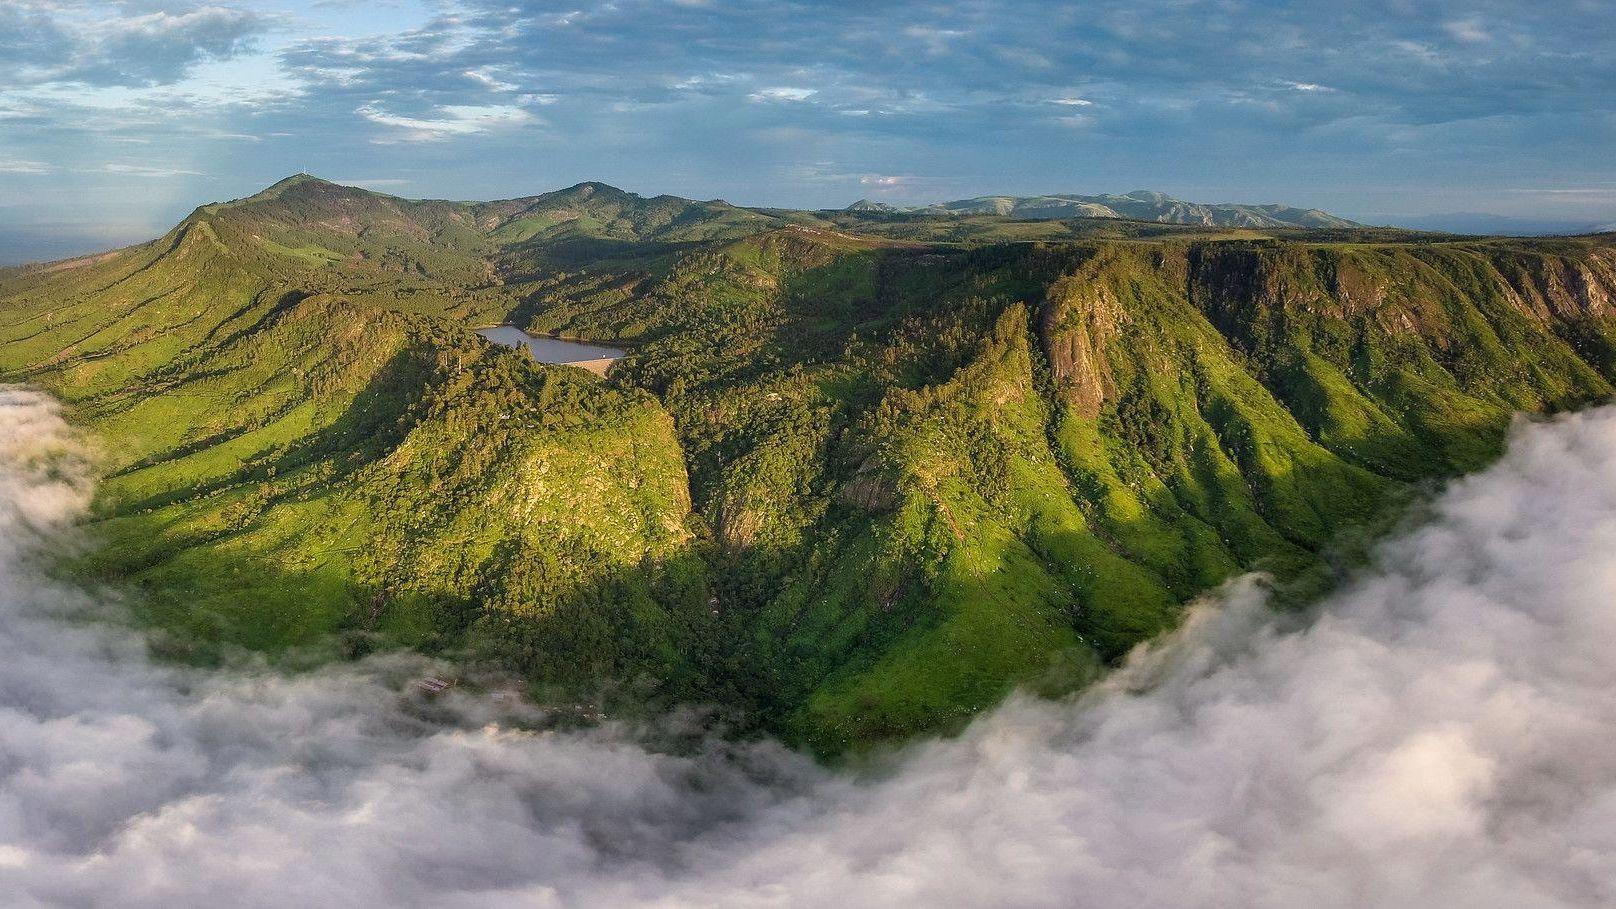 Hoogtepunten Malawi - Nationale parken in Malawi